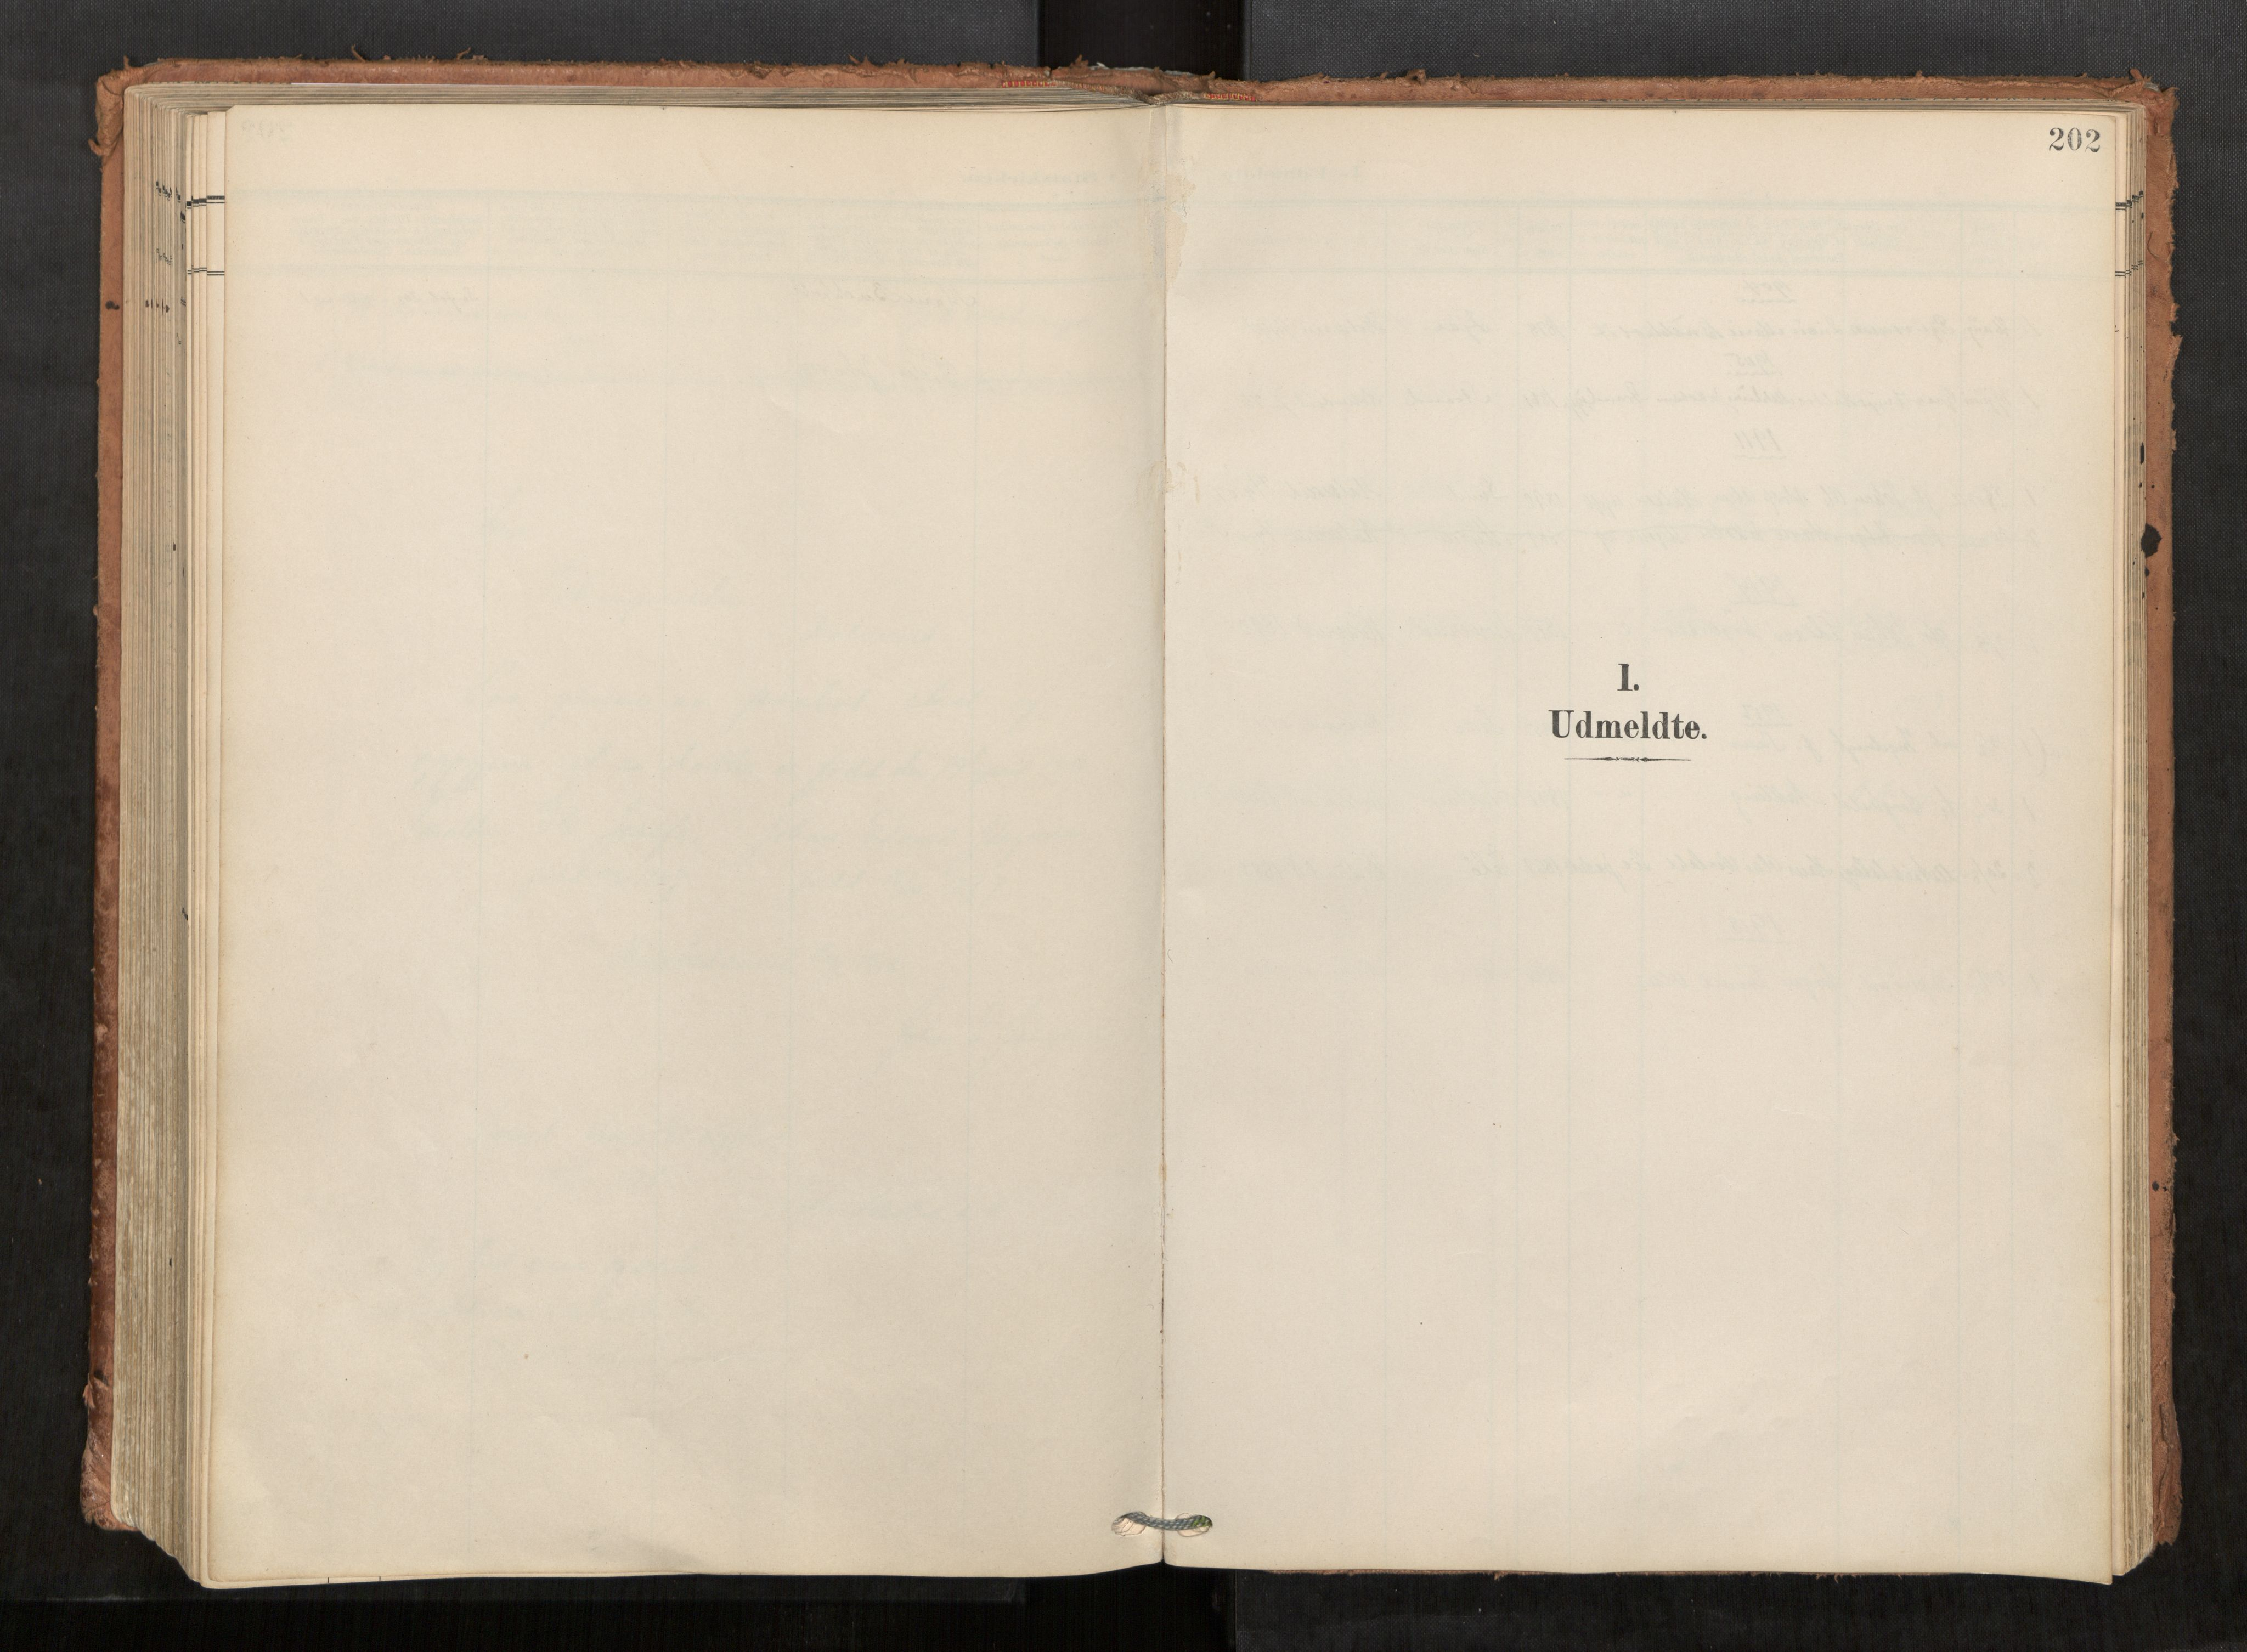 SAT, Kolvereid sokneprestkontor, H/Ha/Haa/L0001: Parish register (official) no. 1, 1903-1922, p. 202